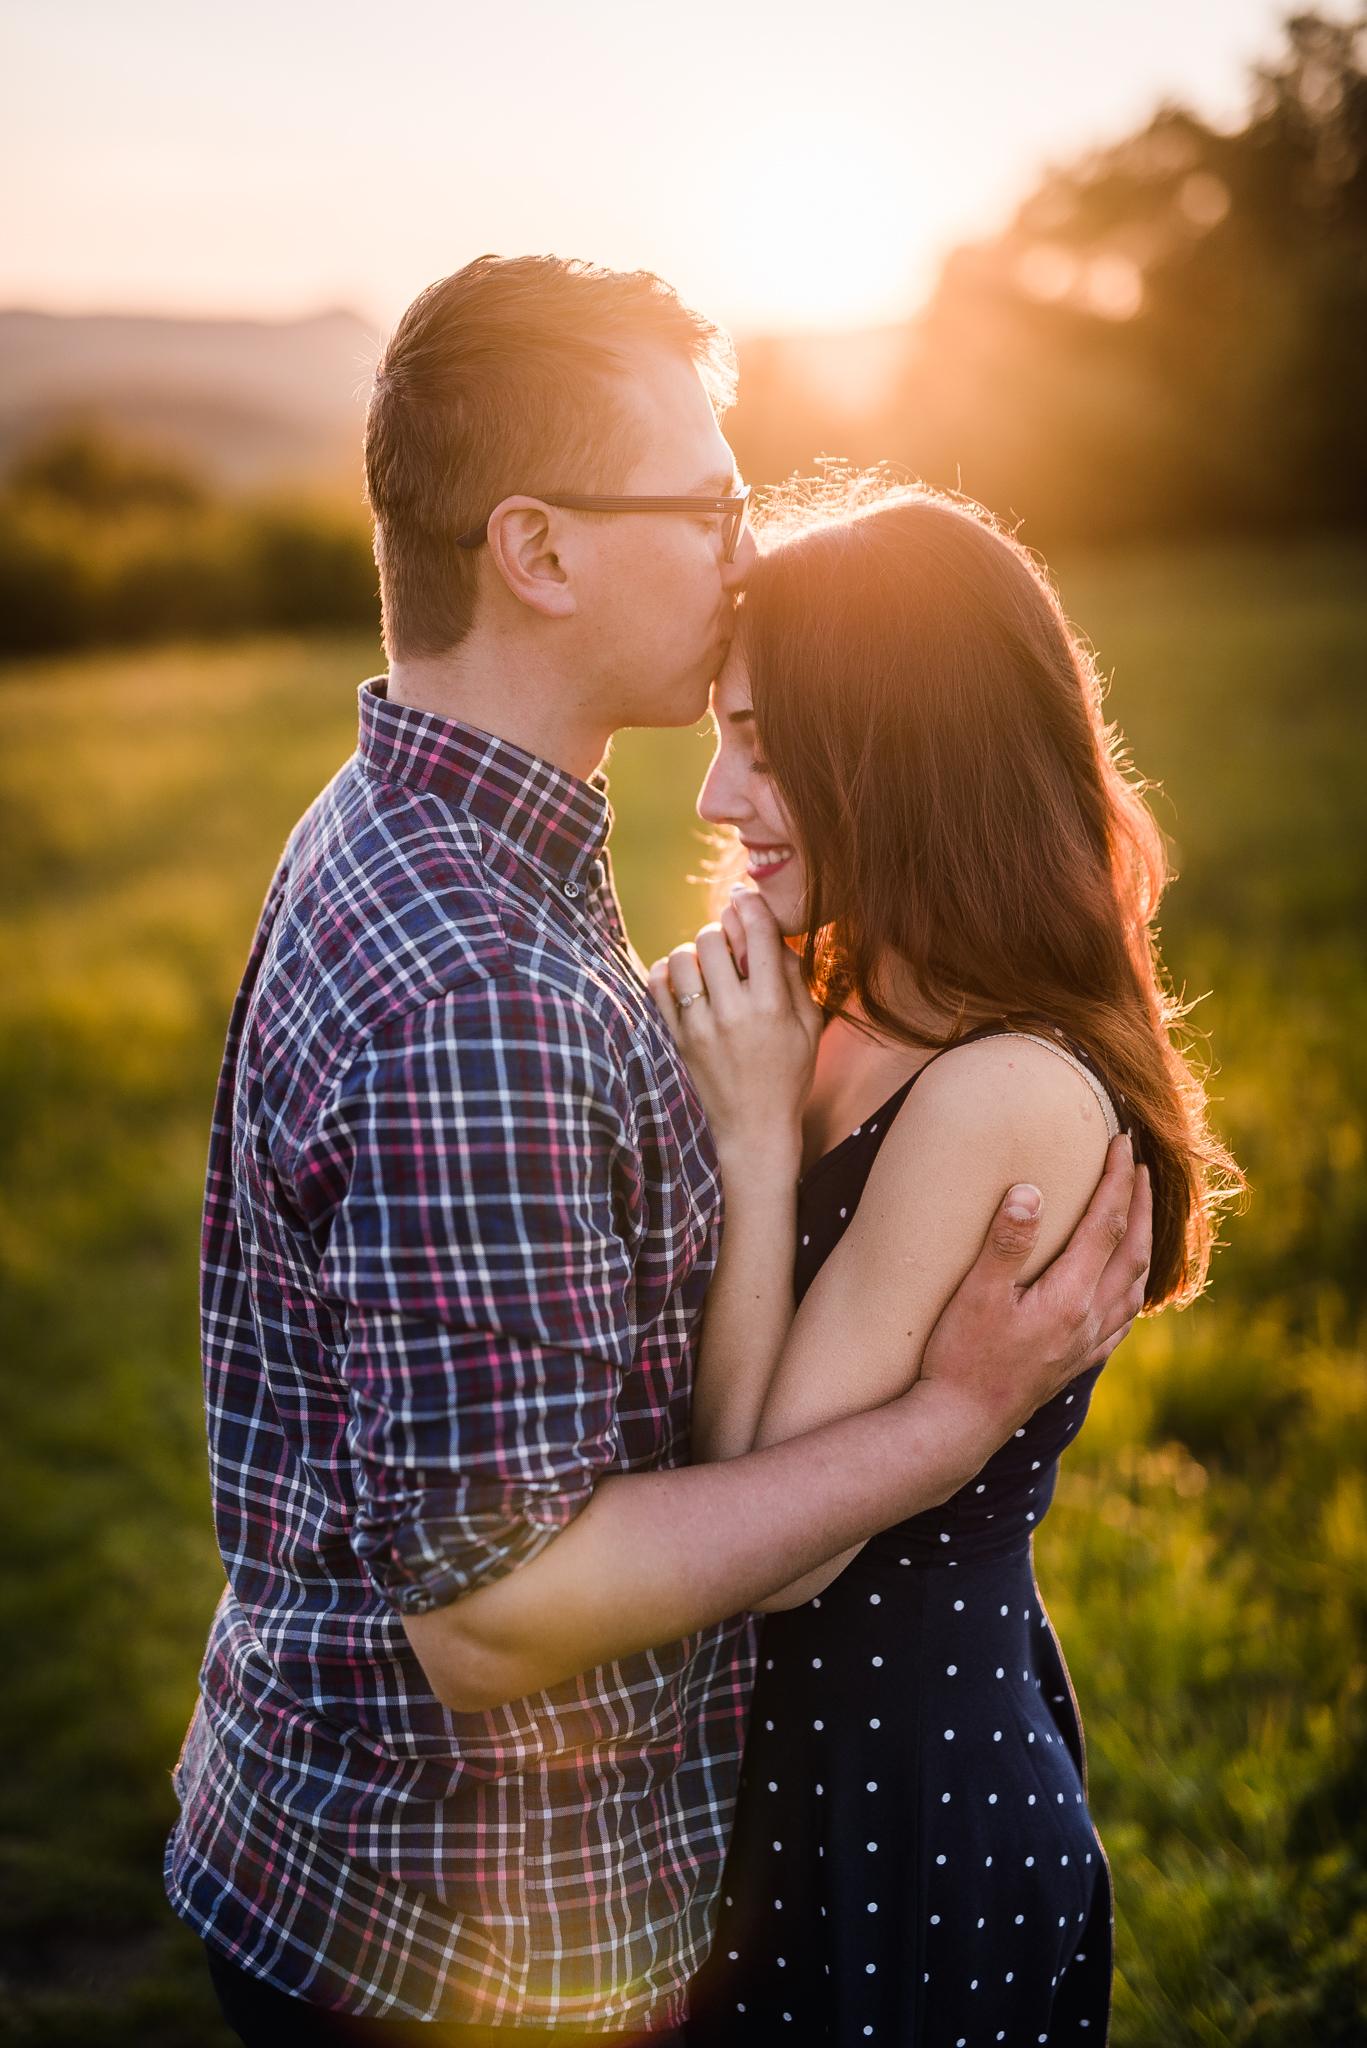 láska, príroda, lúka, západ slnka, sunset, romantika, úsmev, smile, radosť, zamilovaný pár, kofola, bozk na čelo